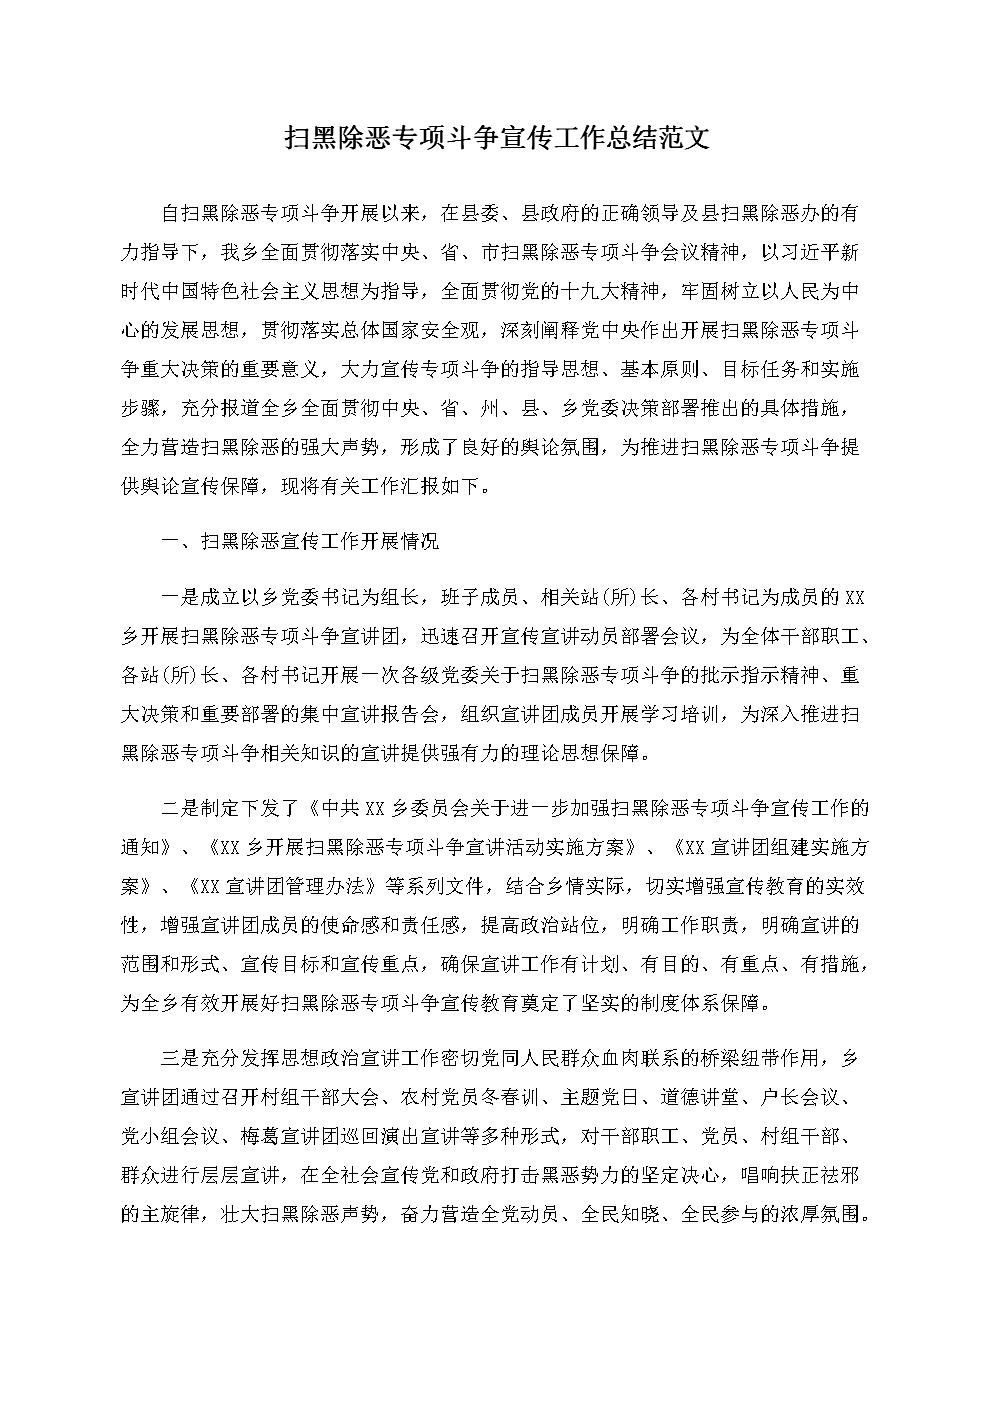 扫黑除恶专项斗争宣传工作总结范文.docx